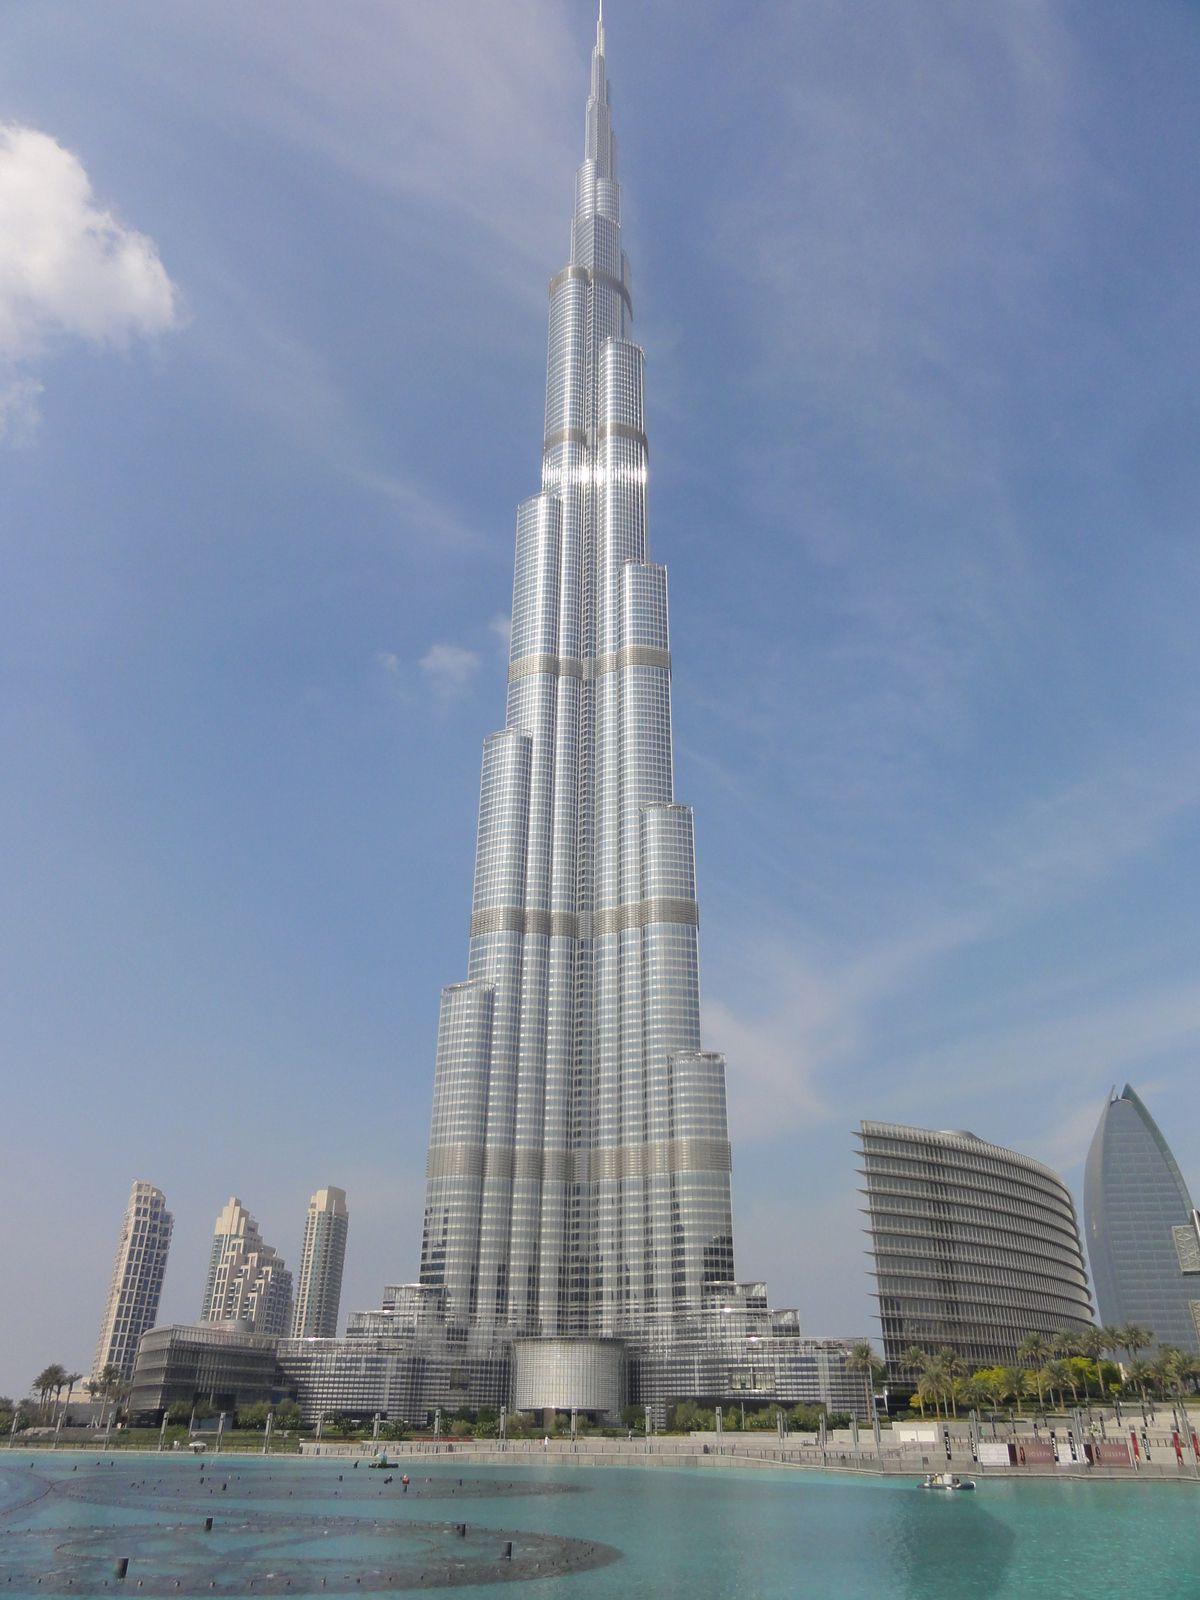 Autre emblème de Dubaï, Burj Khalifa, la plus haute tour du monde (3 tours Eiffel !)